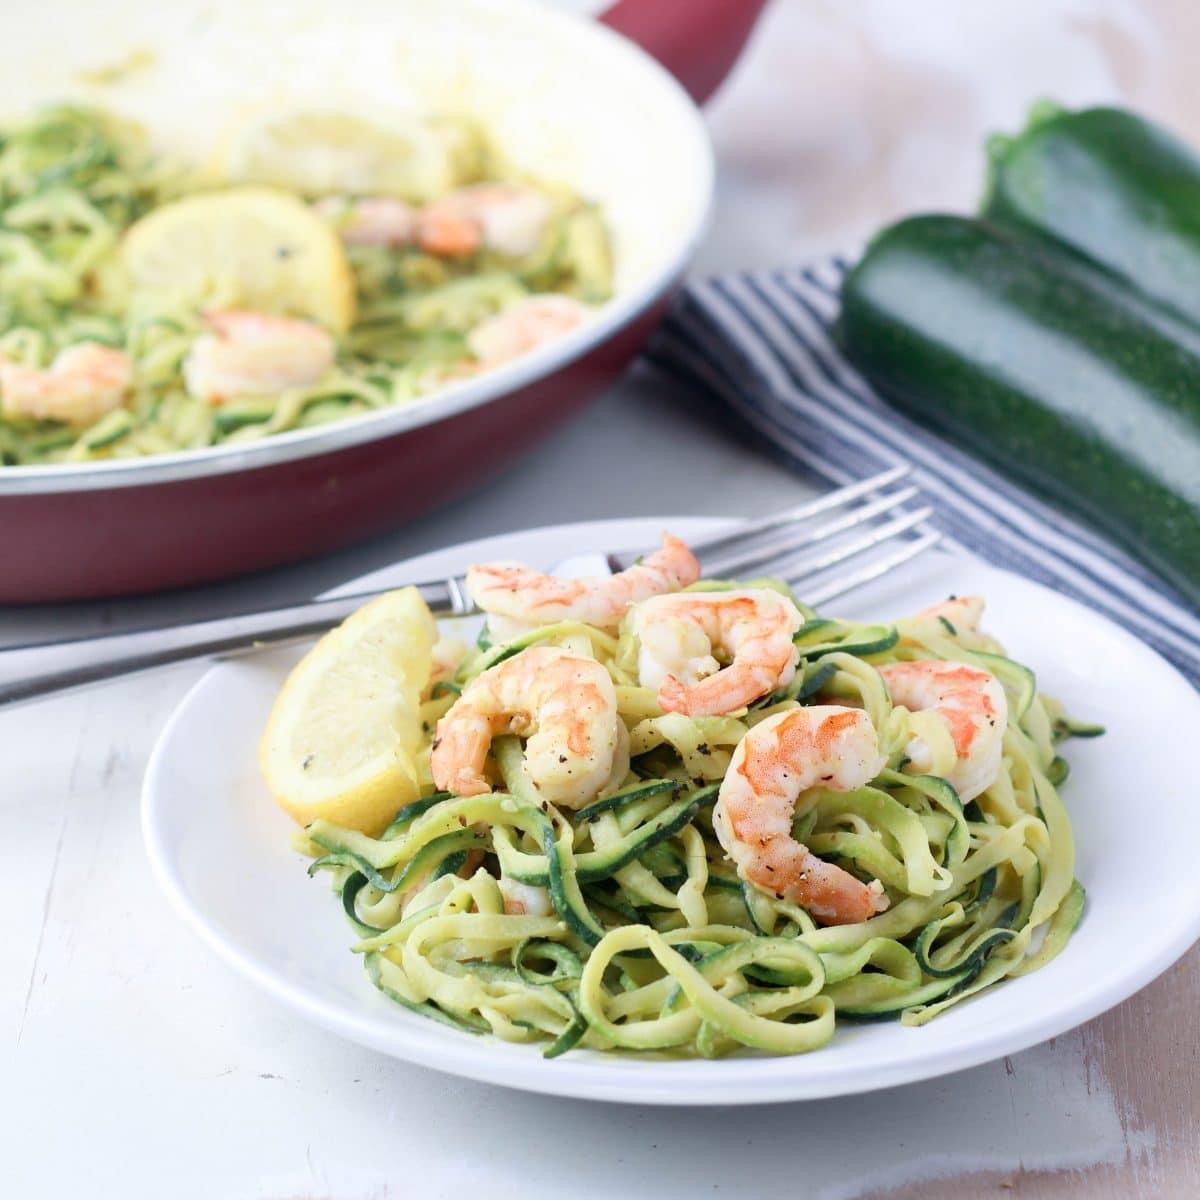 low-carb-zucchini-pasta-recipe-image